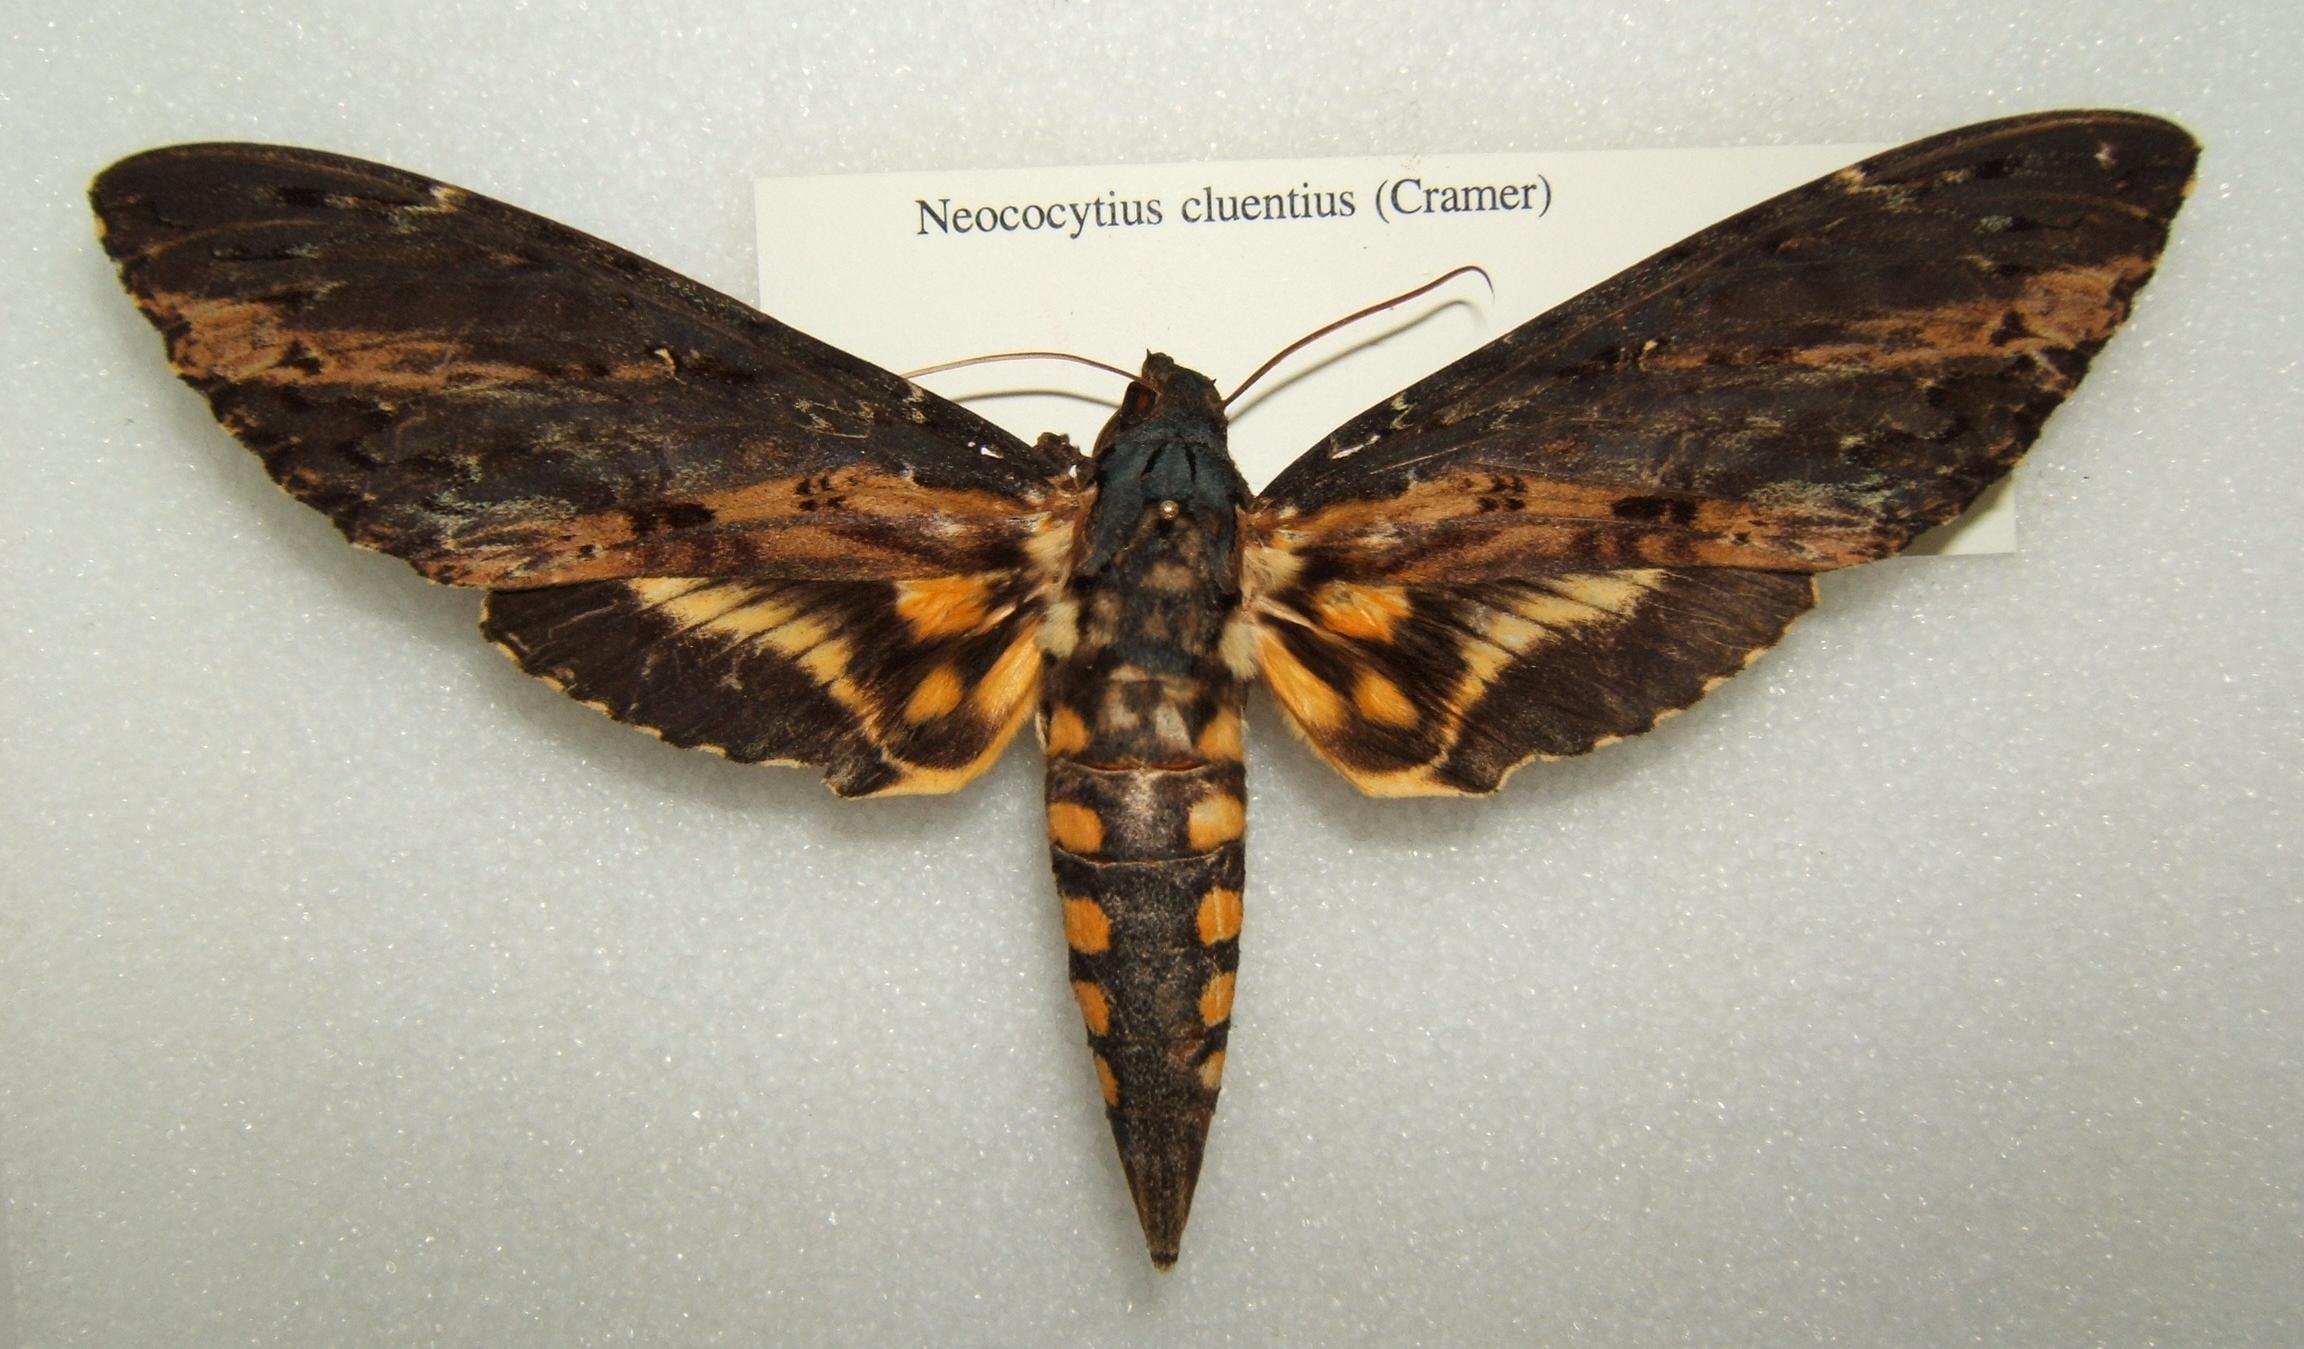 Neococytius_cluentius_sjh.JPG